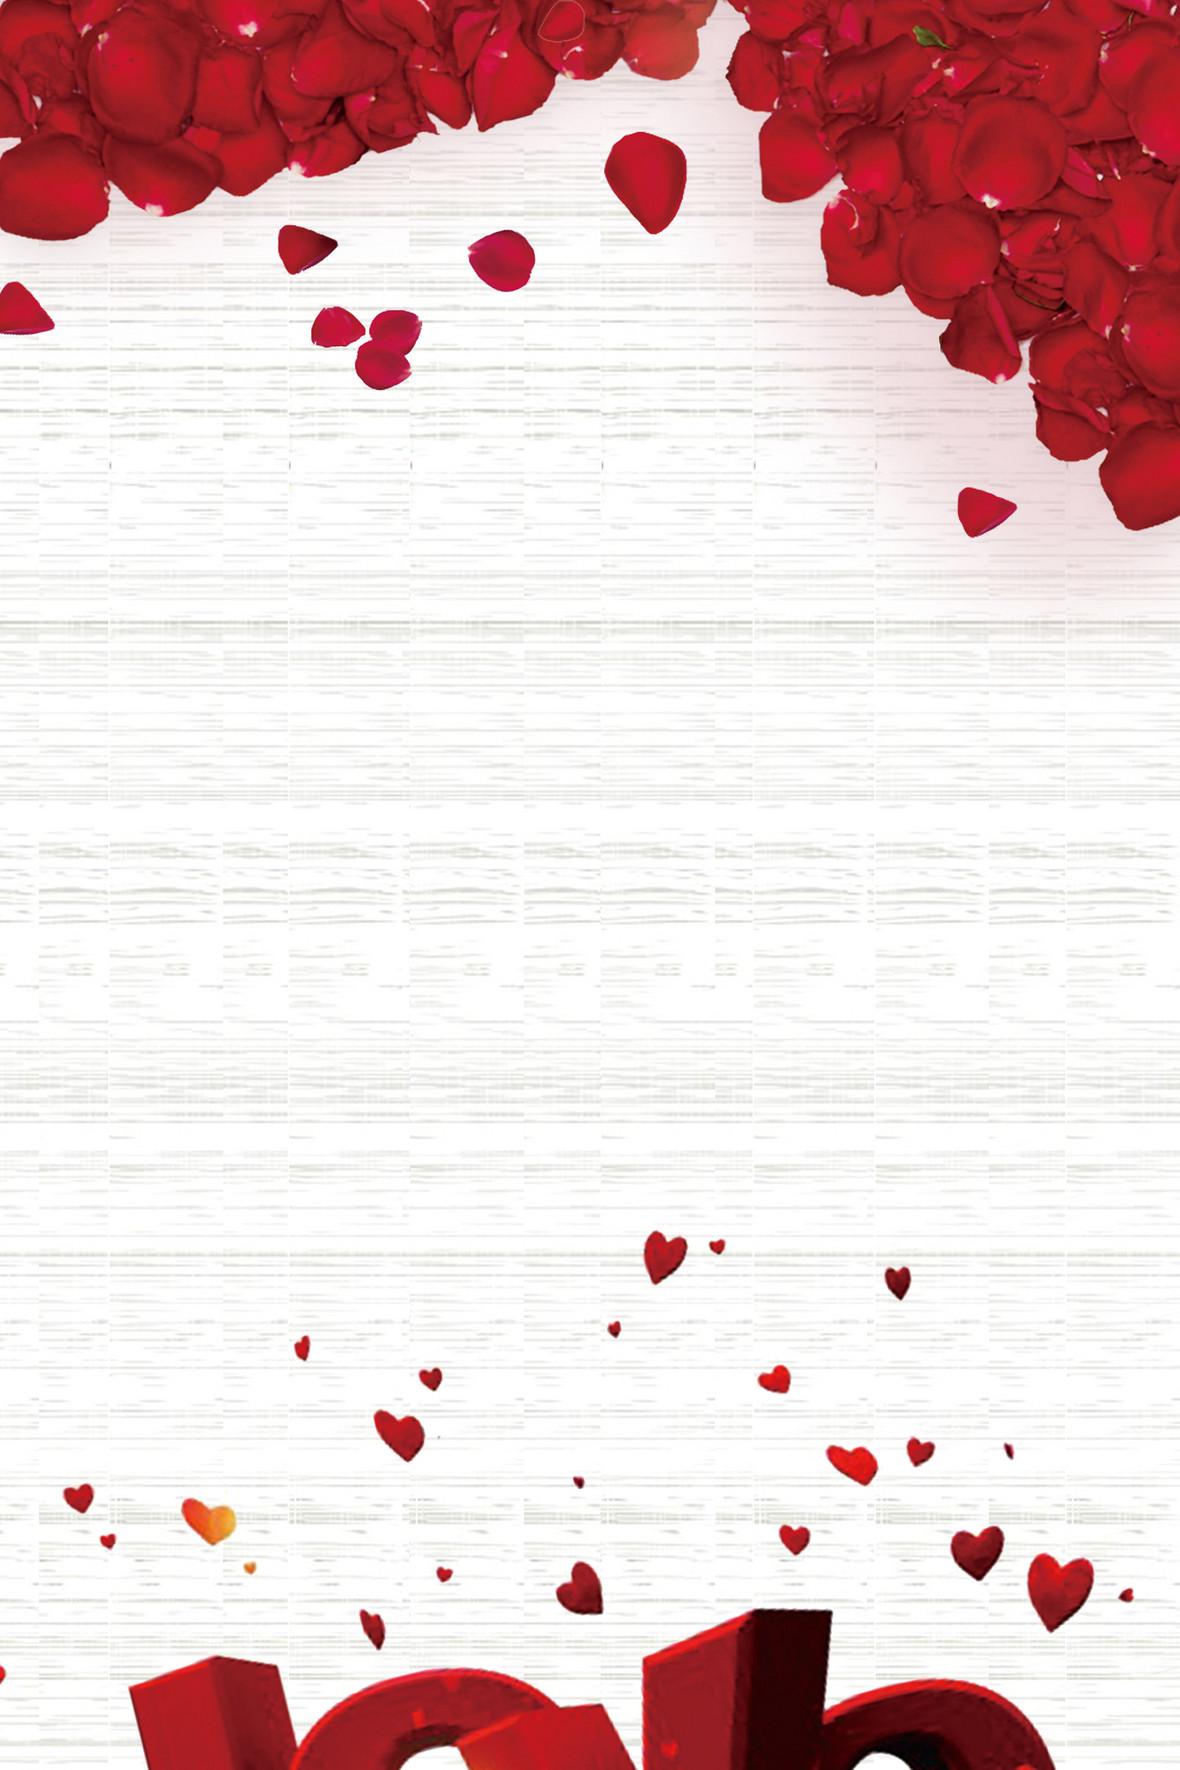 白色浪漫玫瑰花情人节海报背景素材